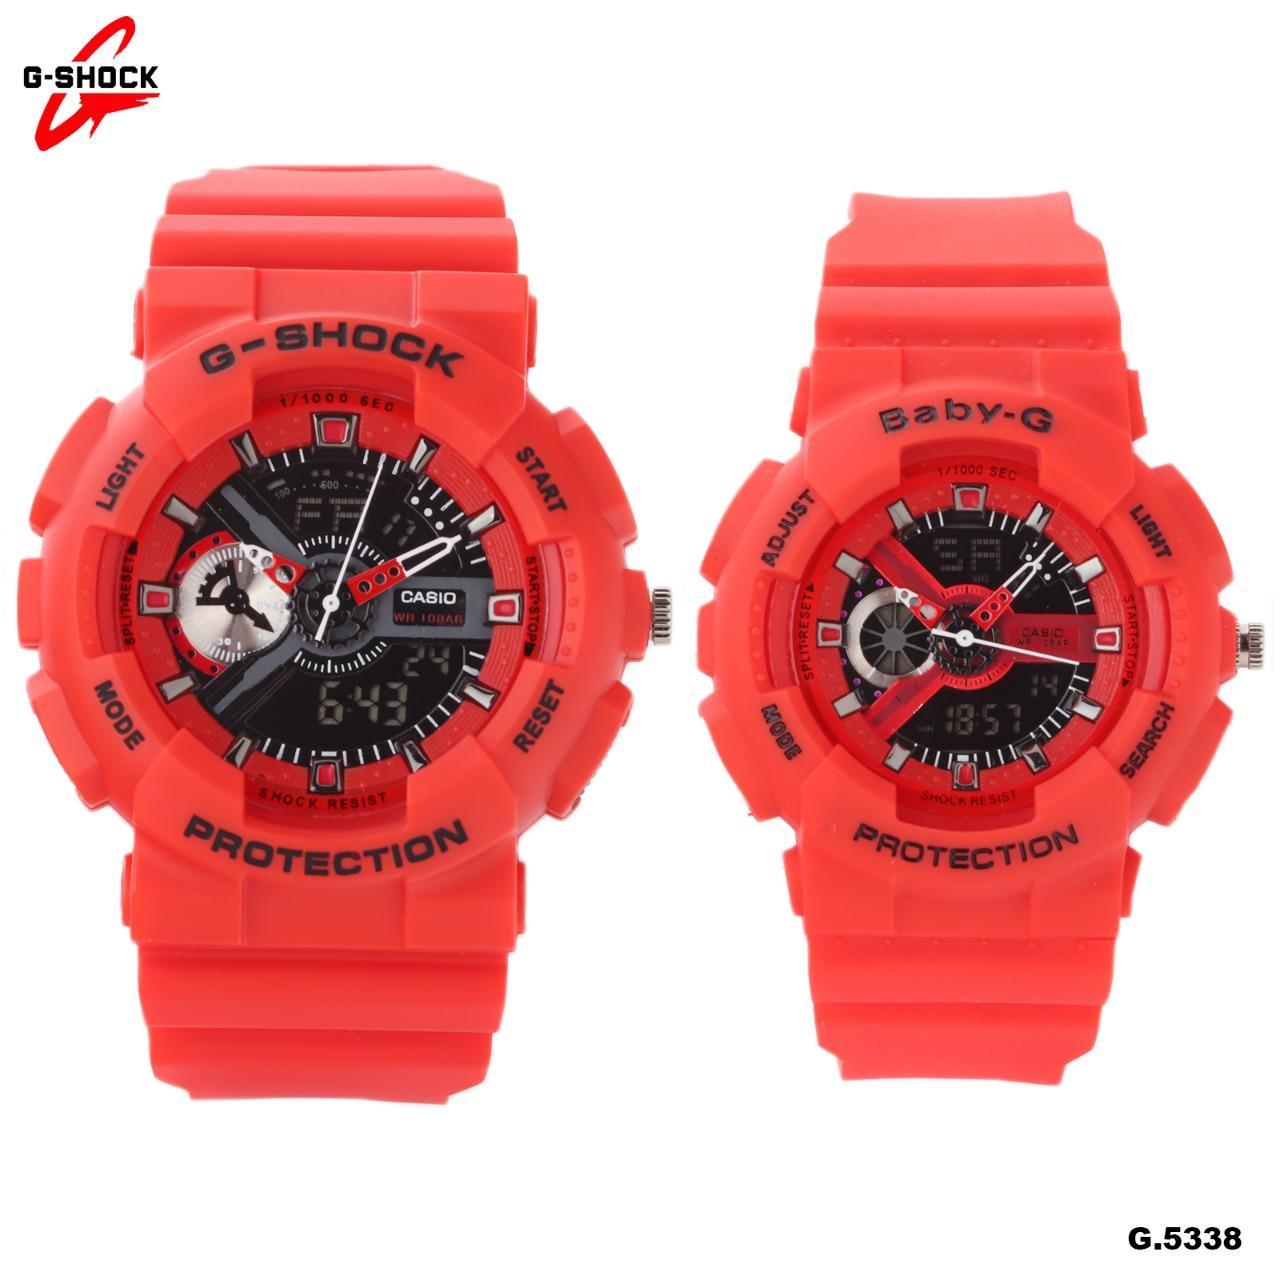 Casio Baby G Wanita Merah Damar Tali Jam Bga 160 4b Spec Dan 230sc 7b Babyg Bga230sc 7 Original Ampamp Bergaransi Tangan Couple Pria Dual Time Shock Water Resist